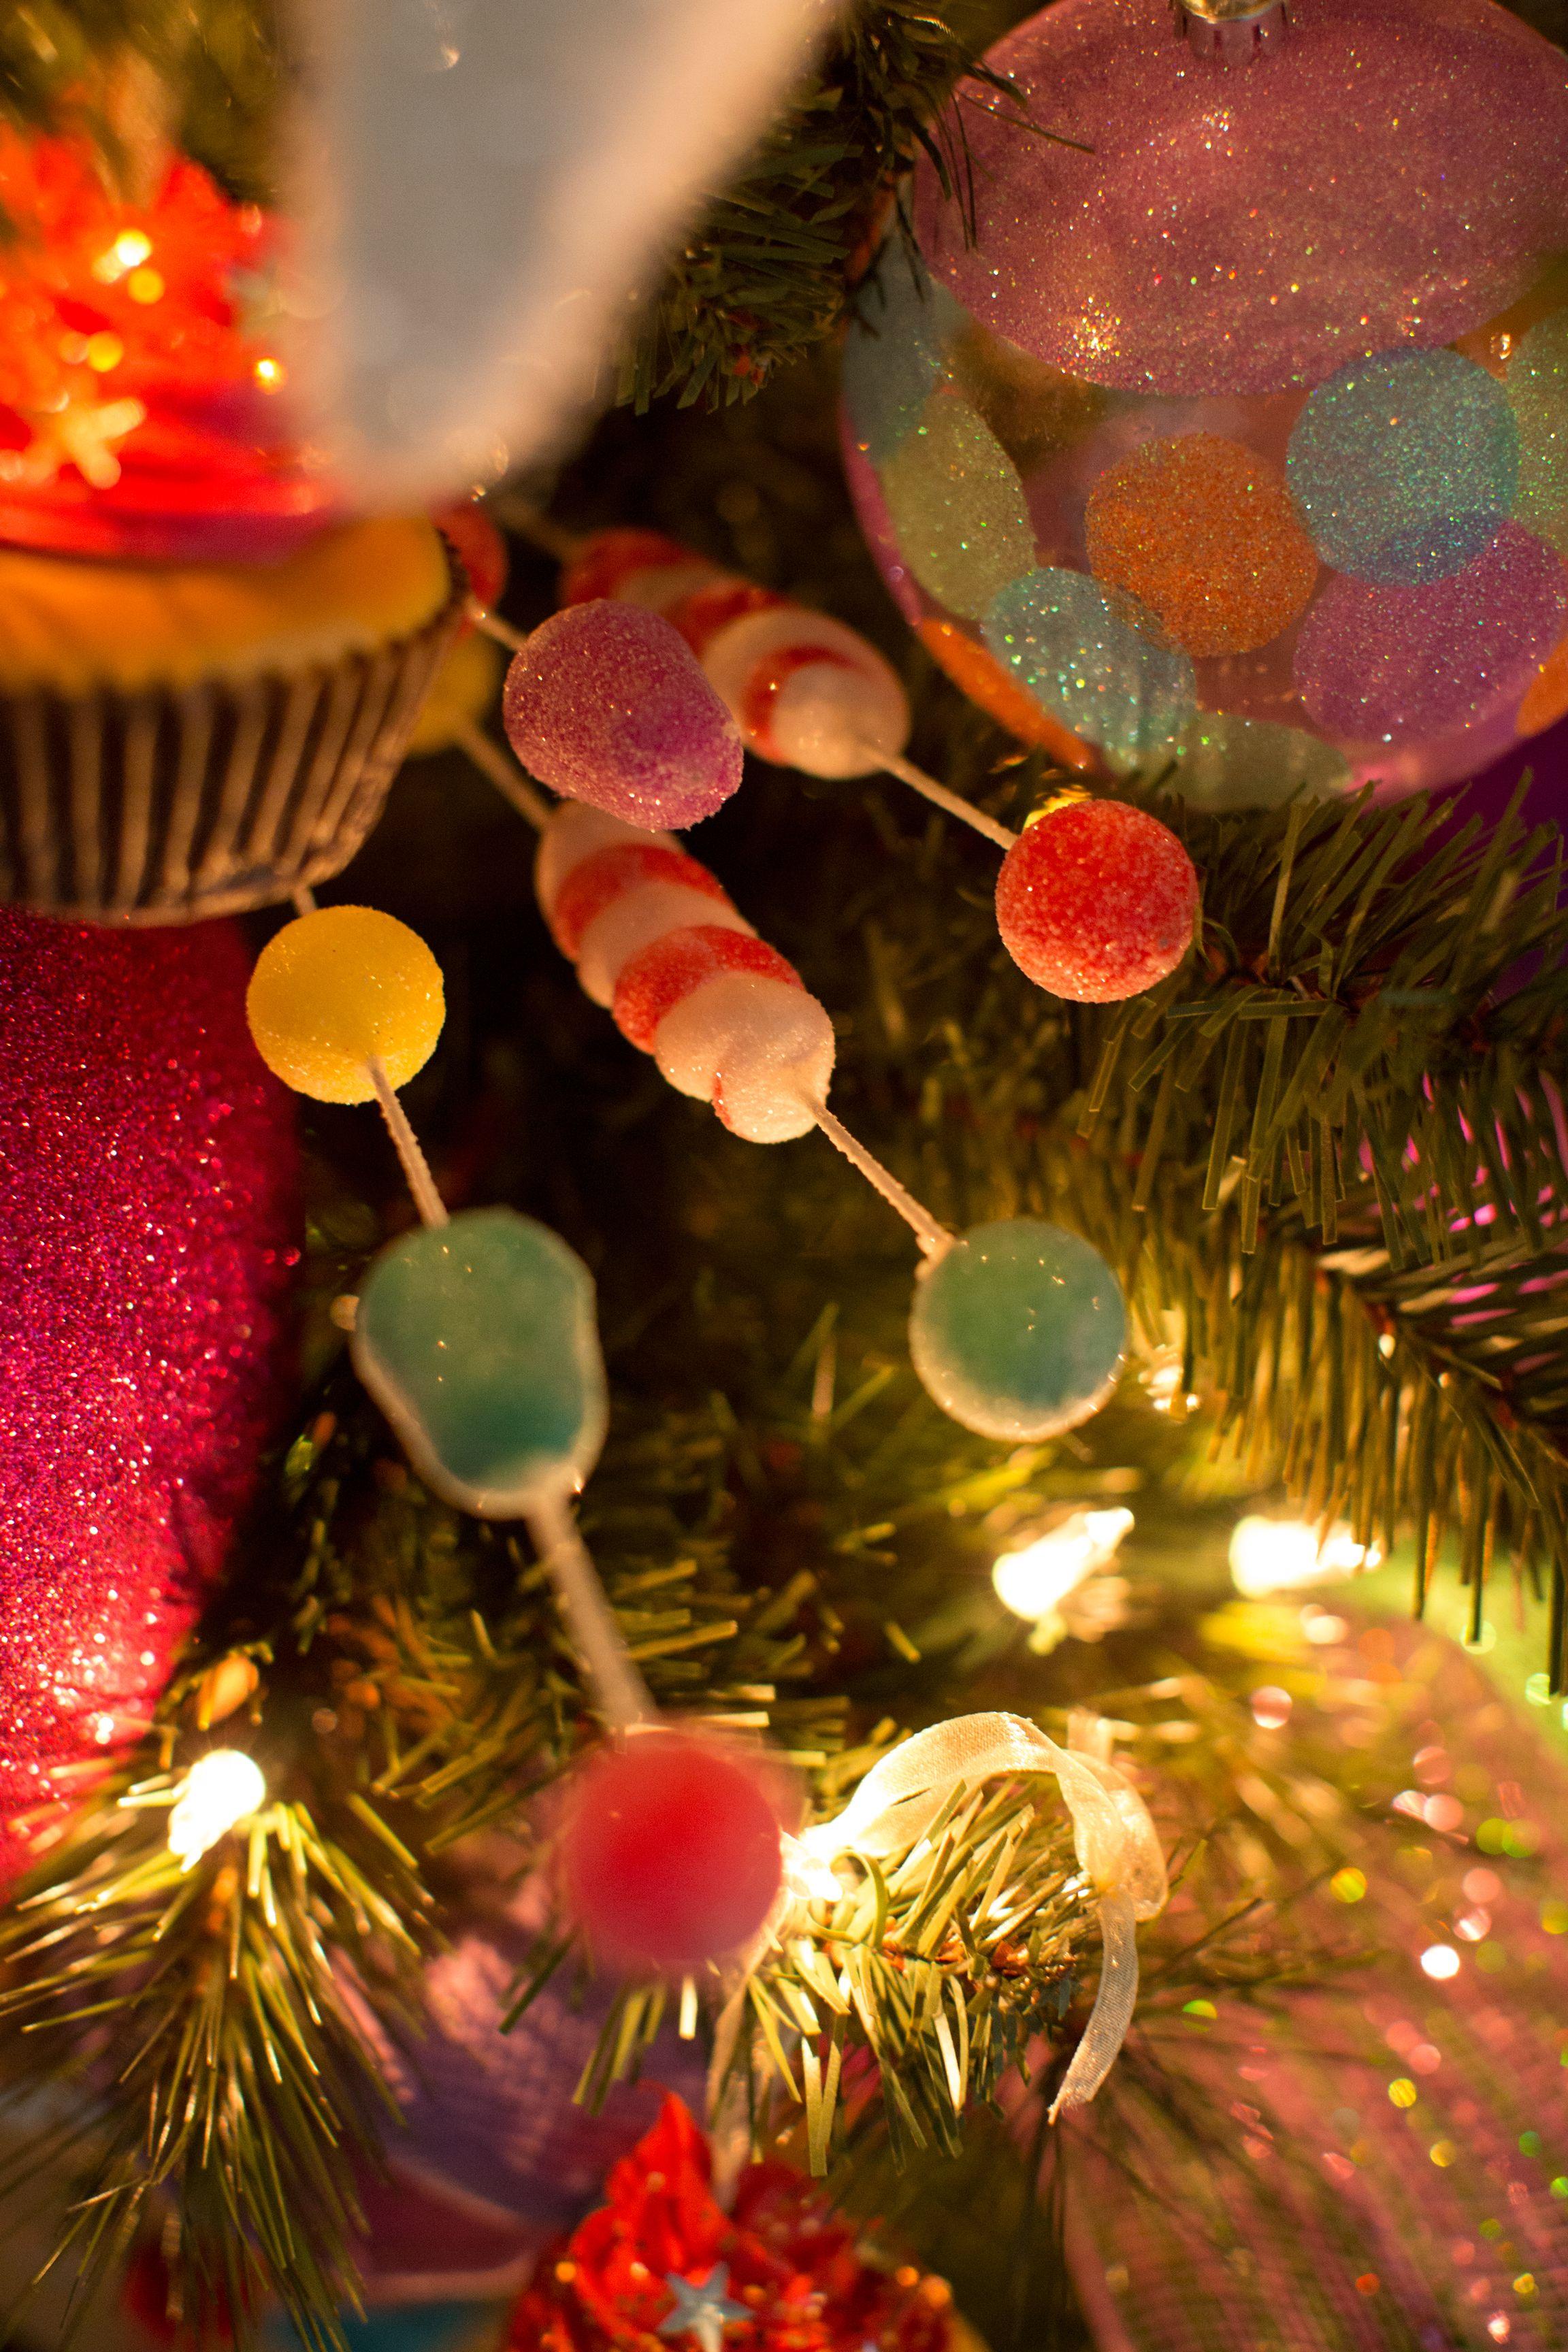 La Navidad se pinta del color de tus emociones más profundas.